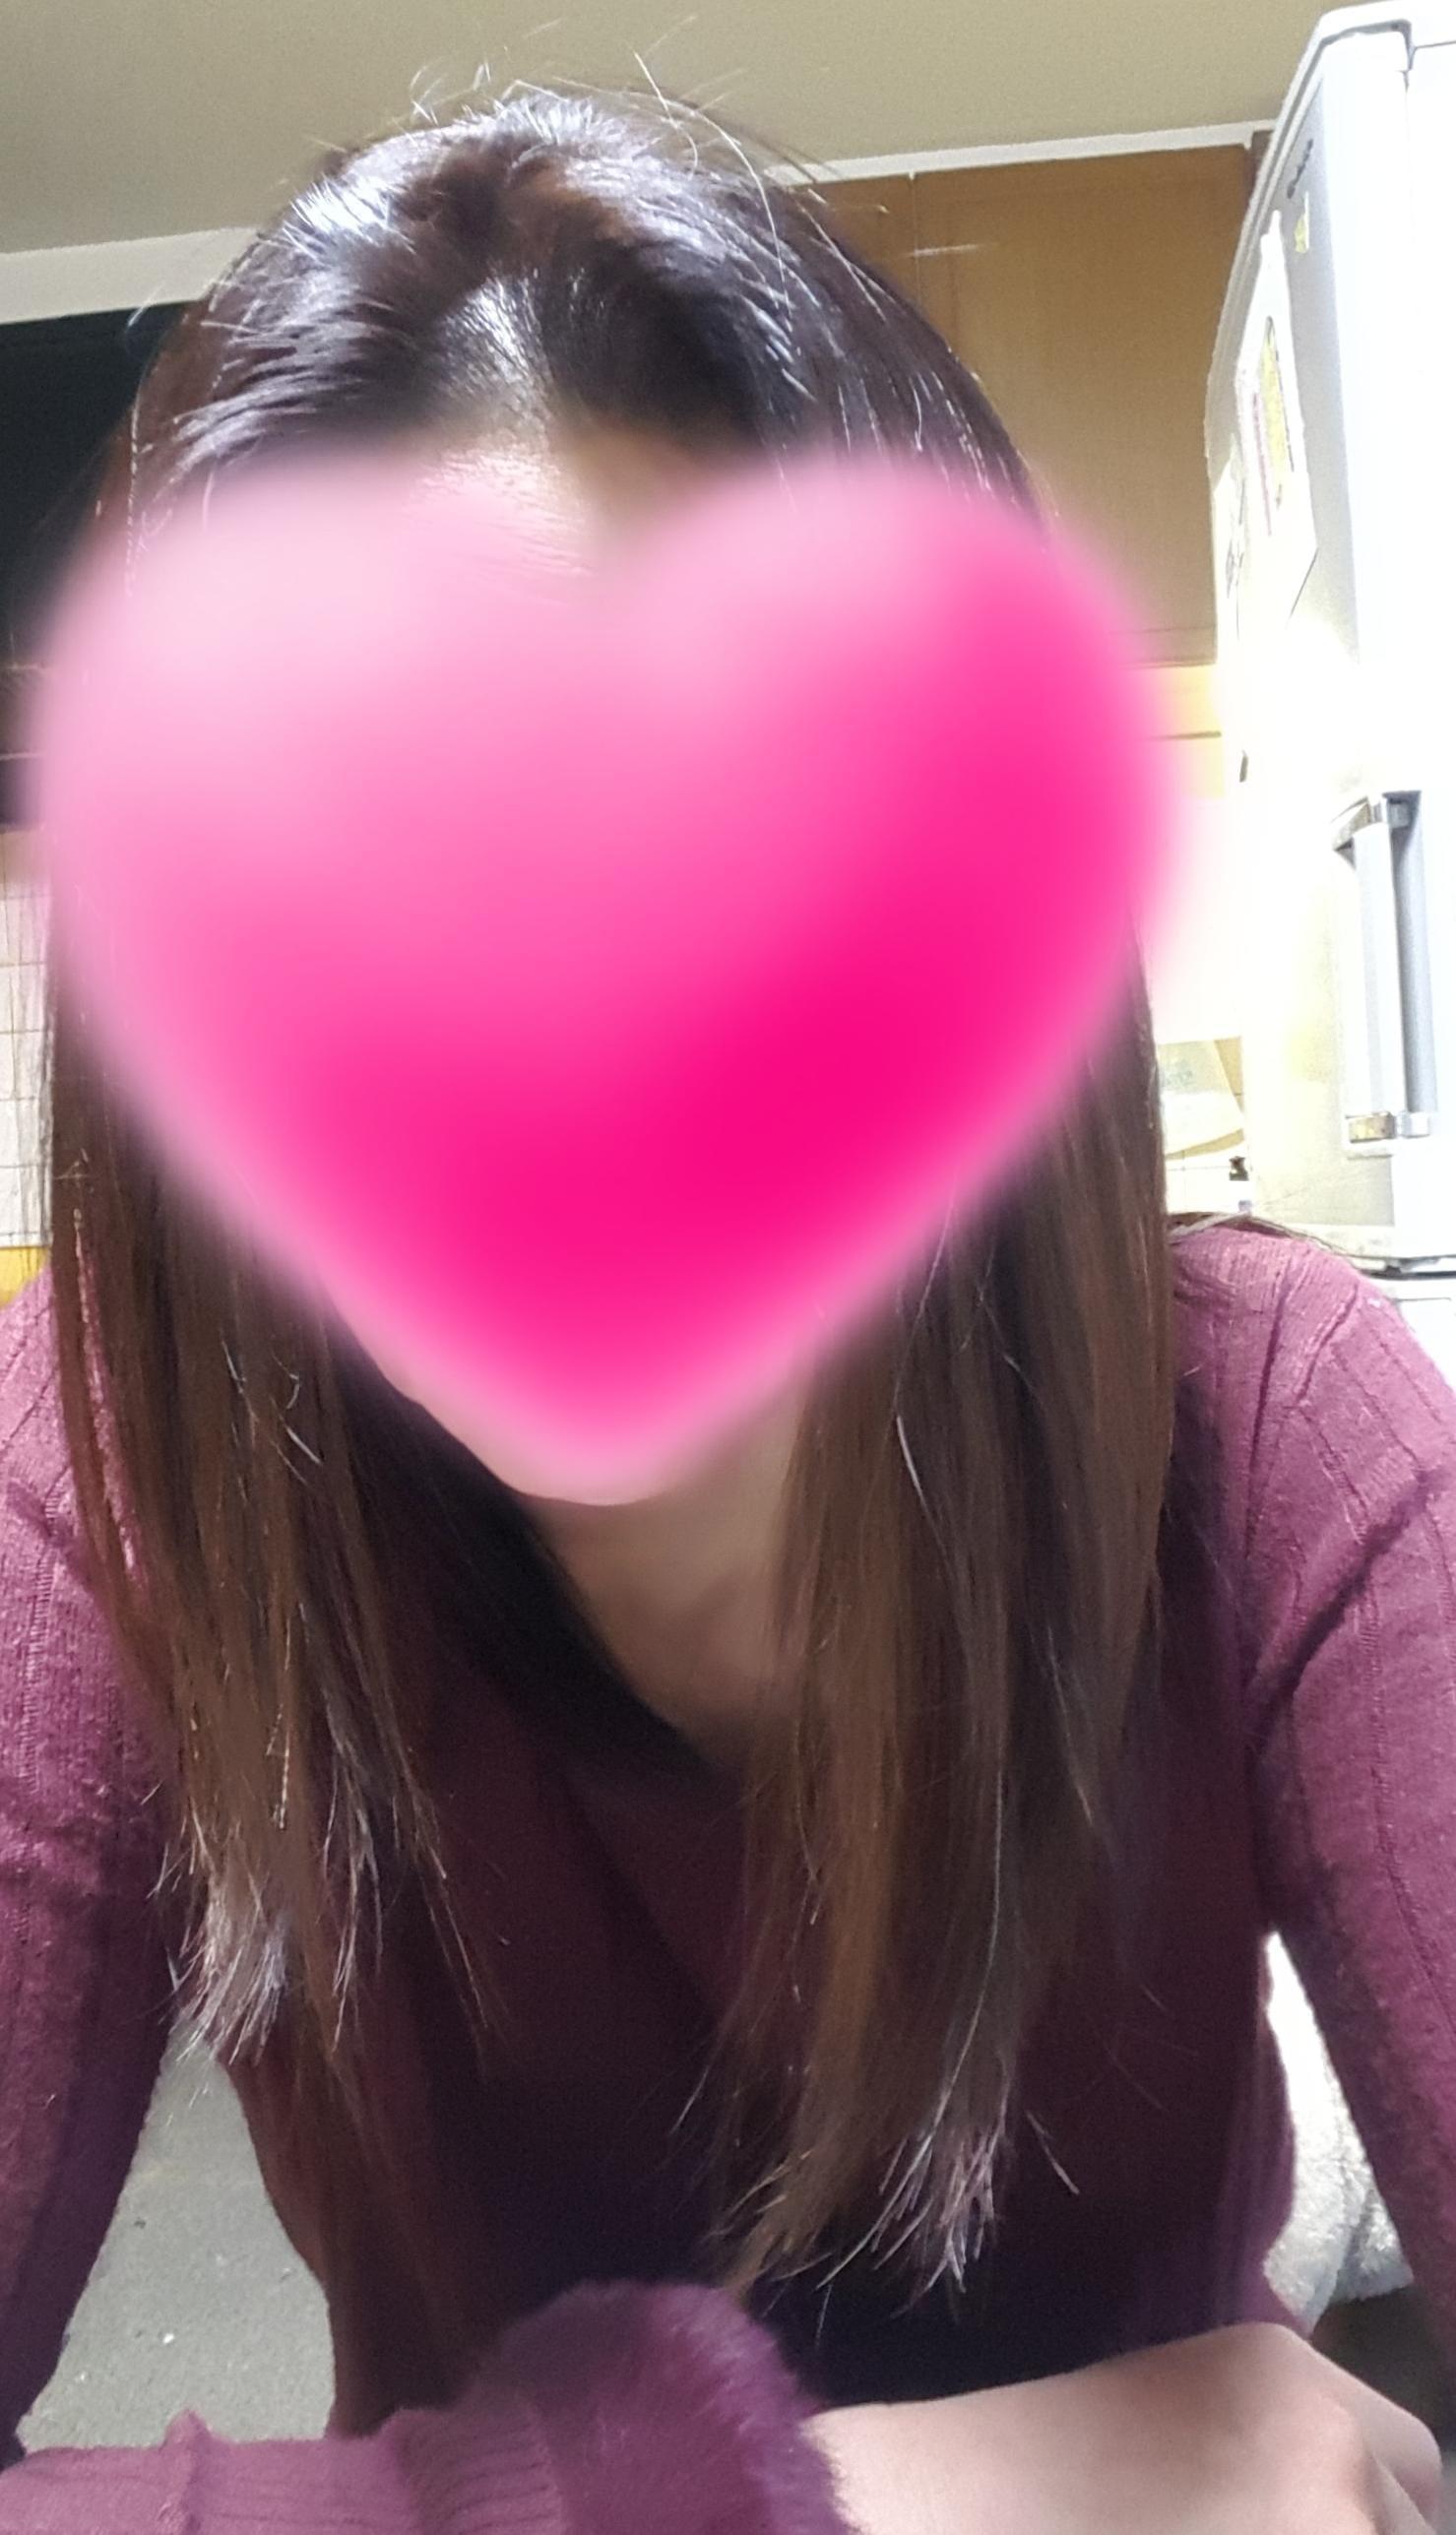 「出勤しましたぁ」01/15(01/15) 18:44 | さとみの写メ・風俗動画